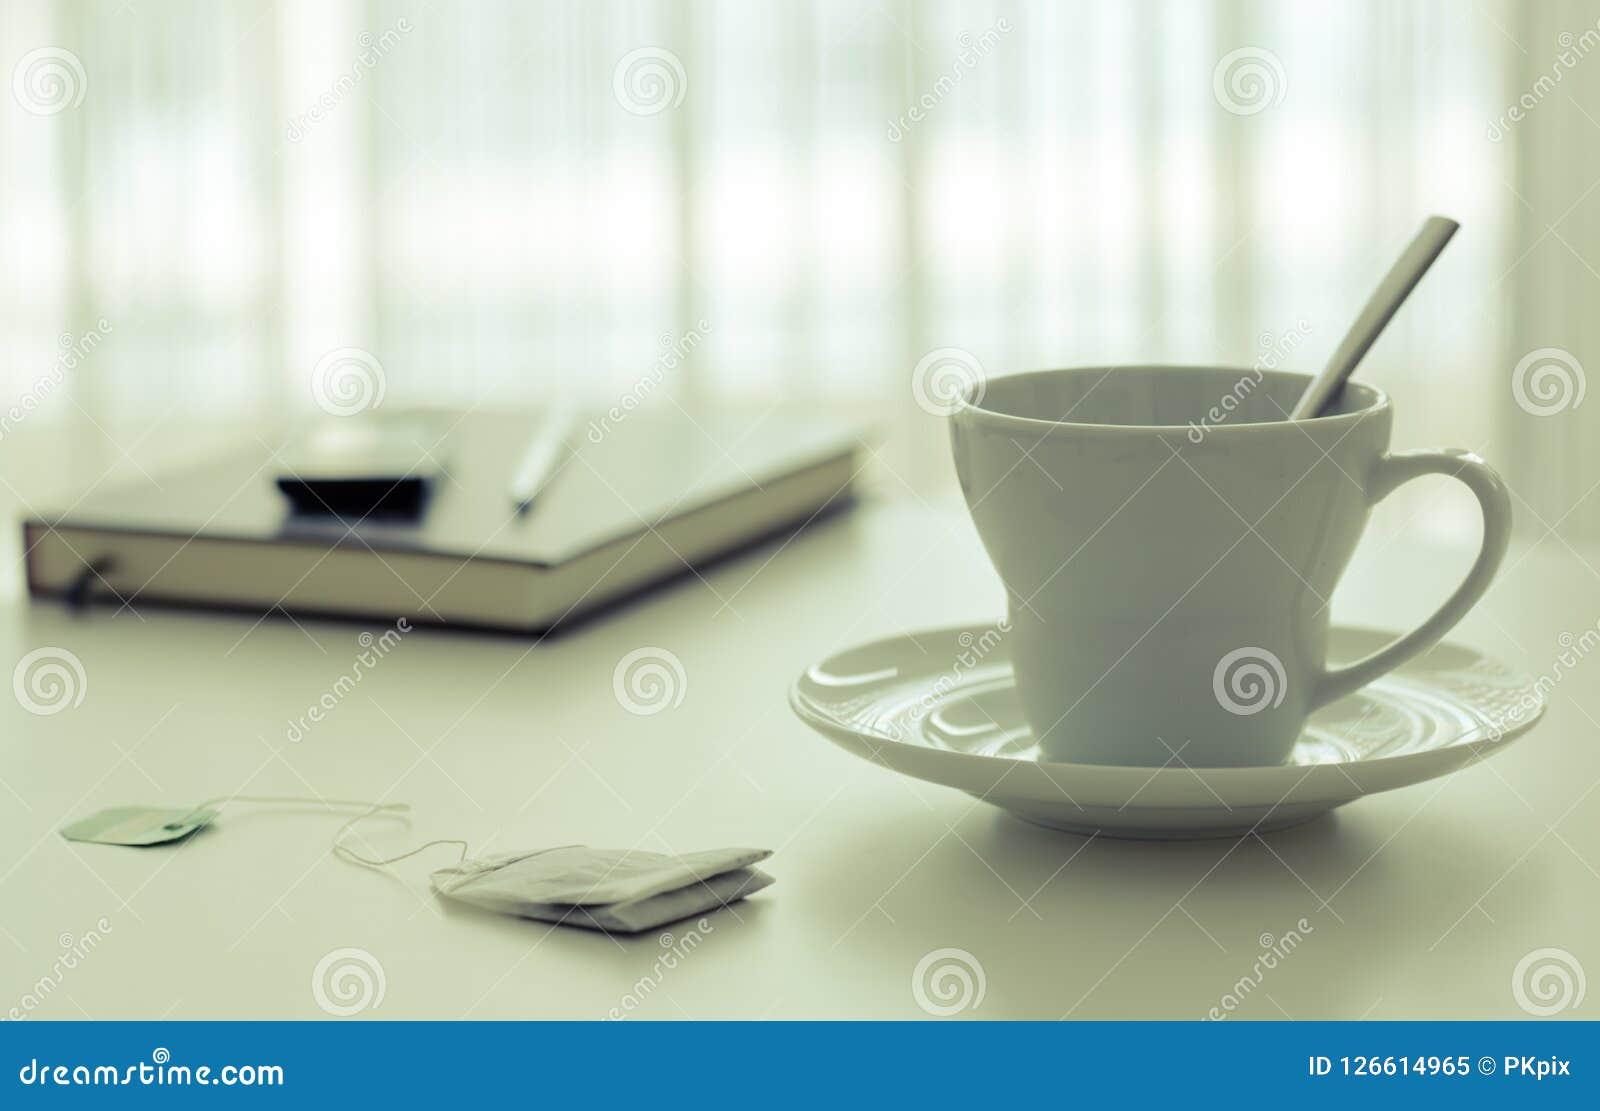 Tasse de thé près d un livre et stylo près de la fenêtre